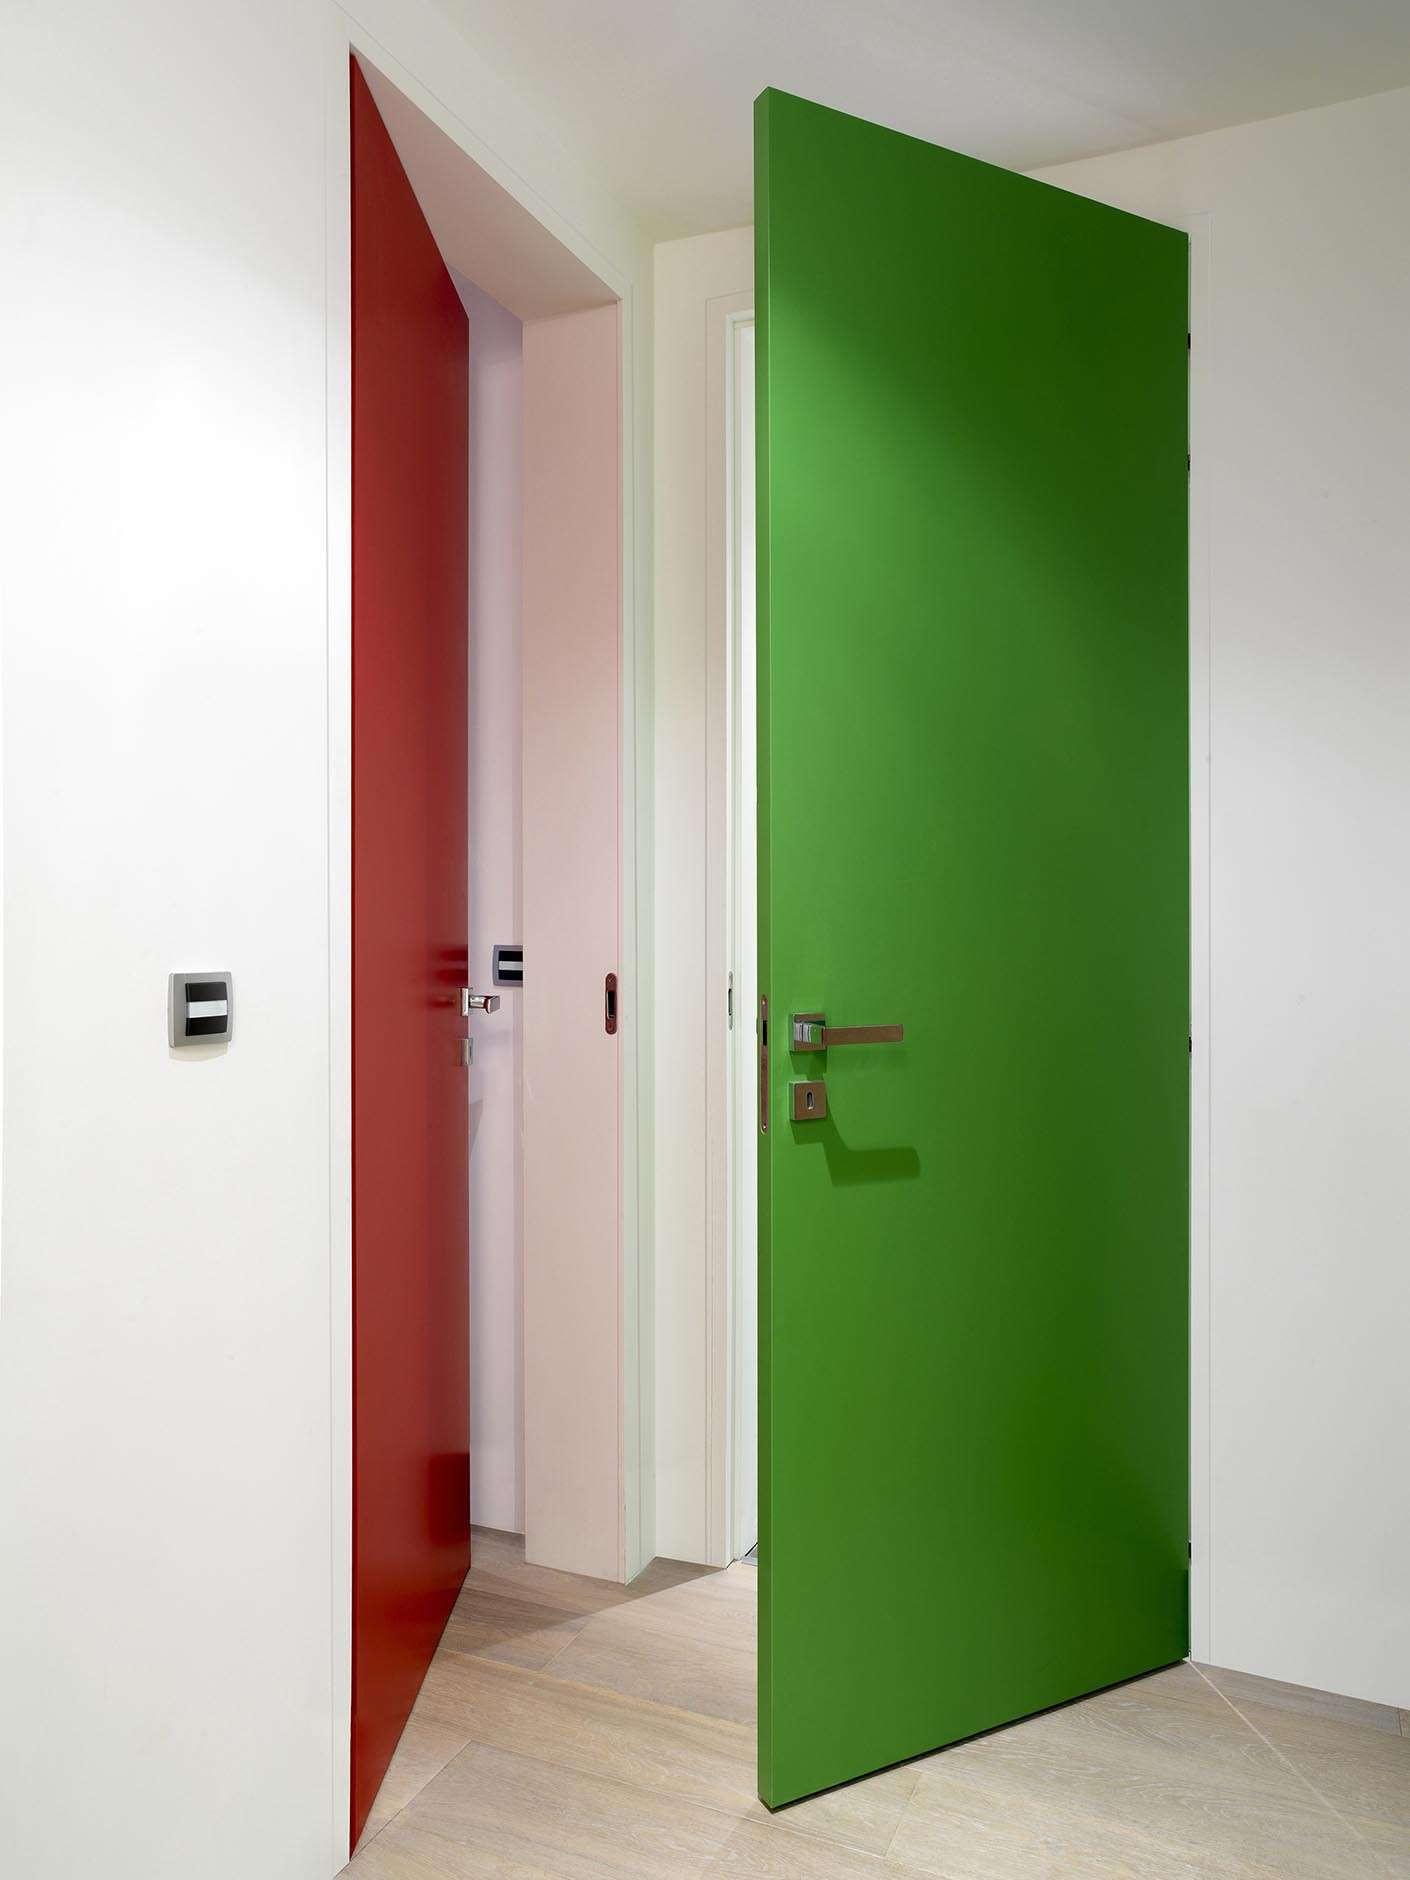 rode-binnendeur-groene-deur-ingewerkte-deurkader